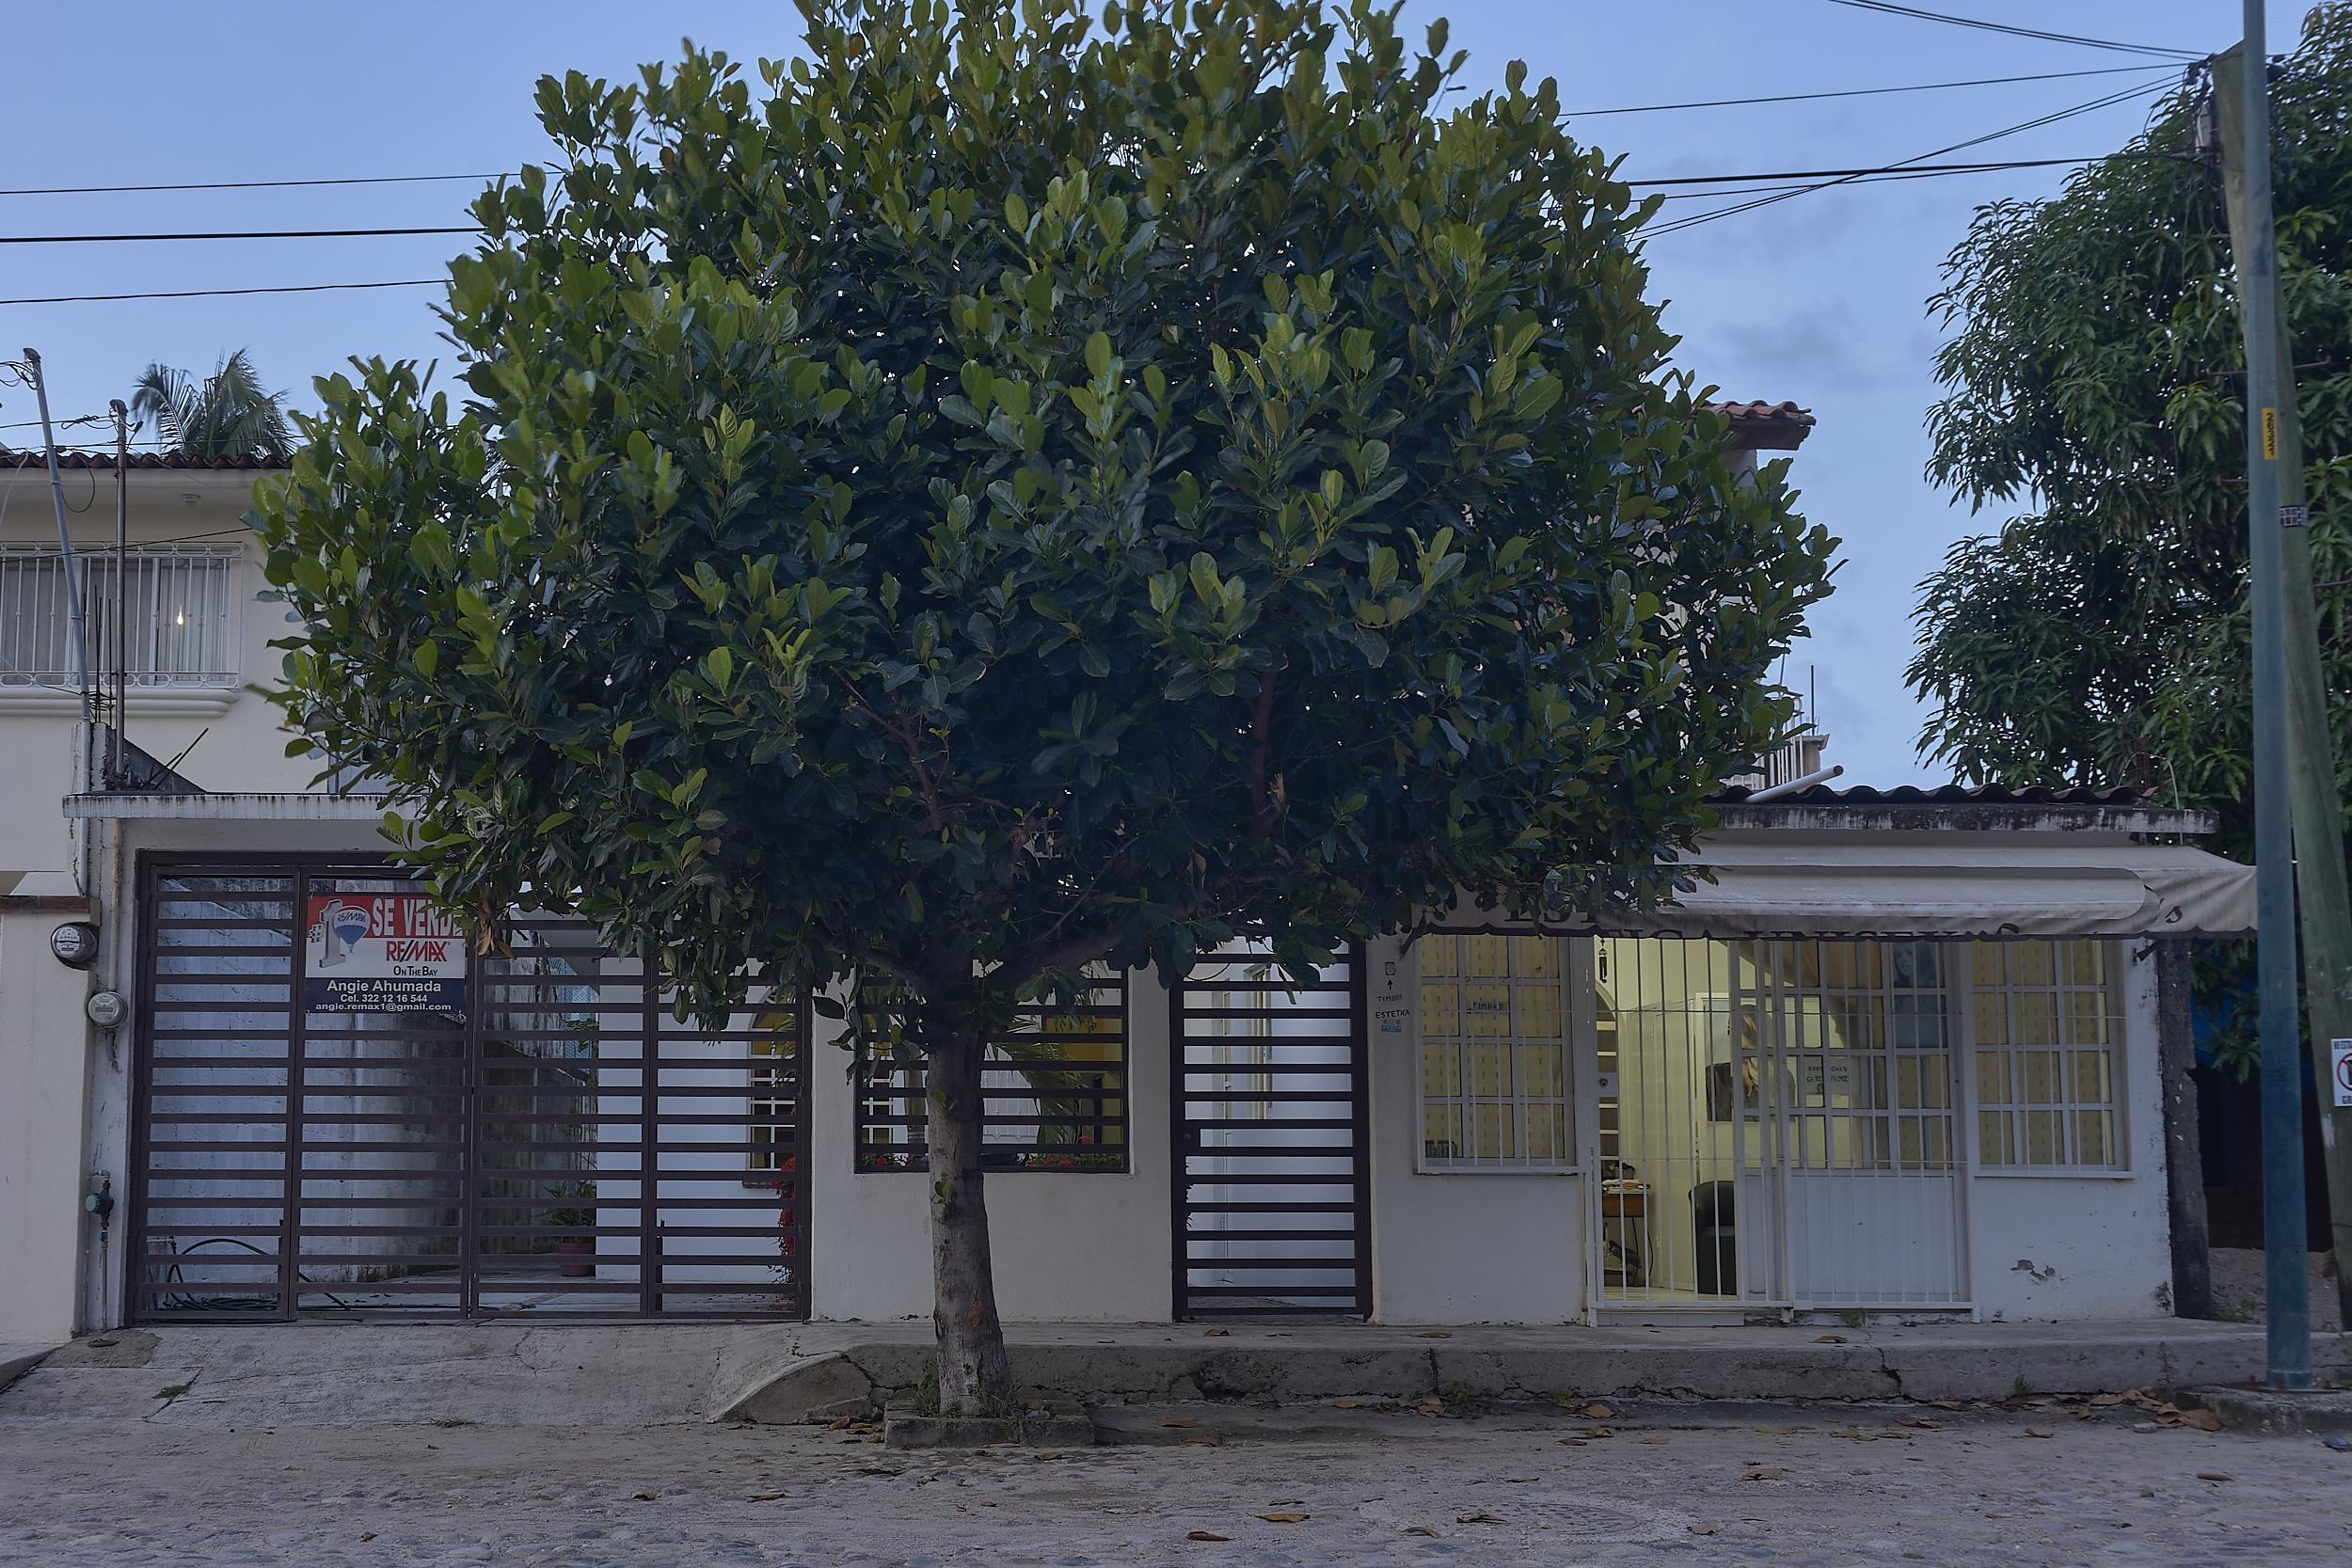 Fotografo--Puerto-Vallarta-Jalisco--Alex-y-Rebeca-Fotografía--Inmobiliaria--Remax--Bucerias--Nayarit--Interiorismo--Ange-Ahumado--Airbnb--Propiedades--JPEG sRGB 1